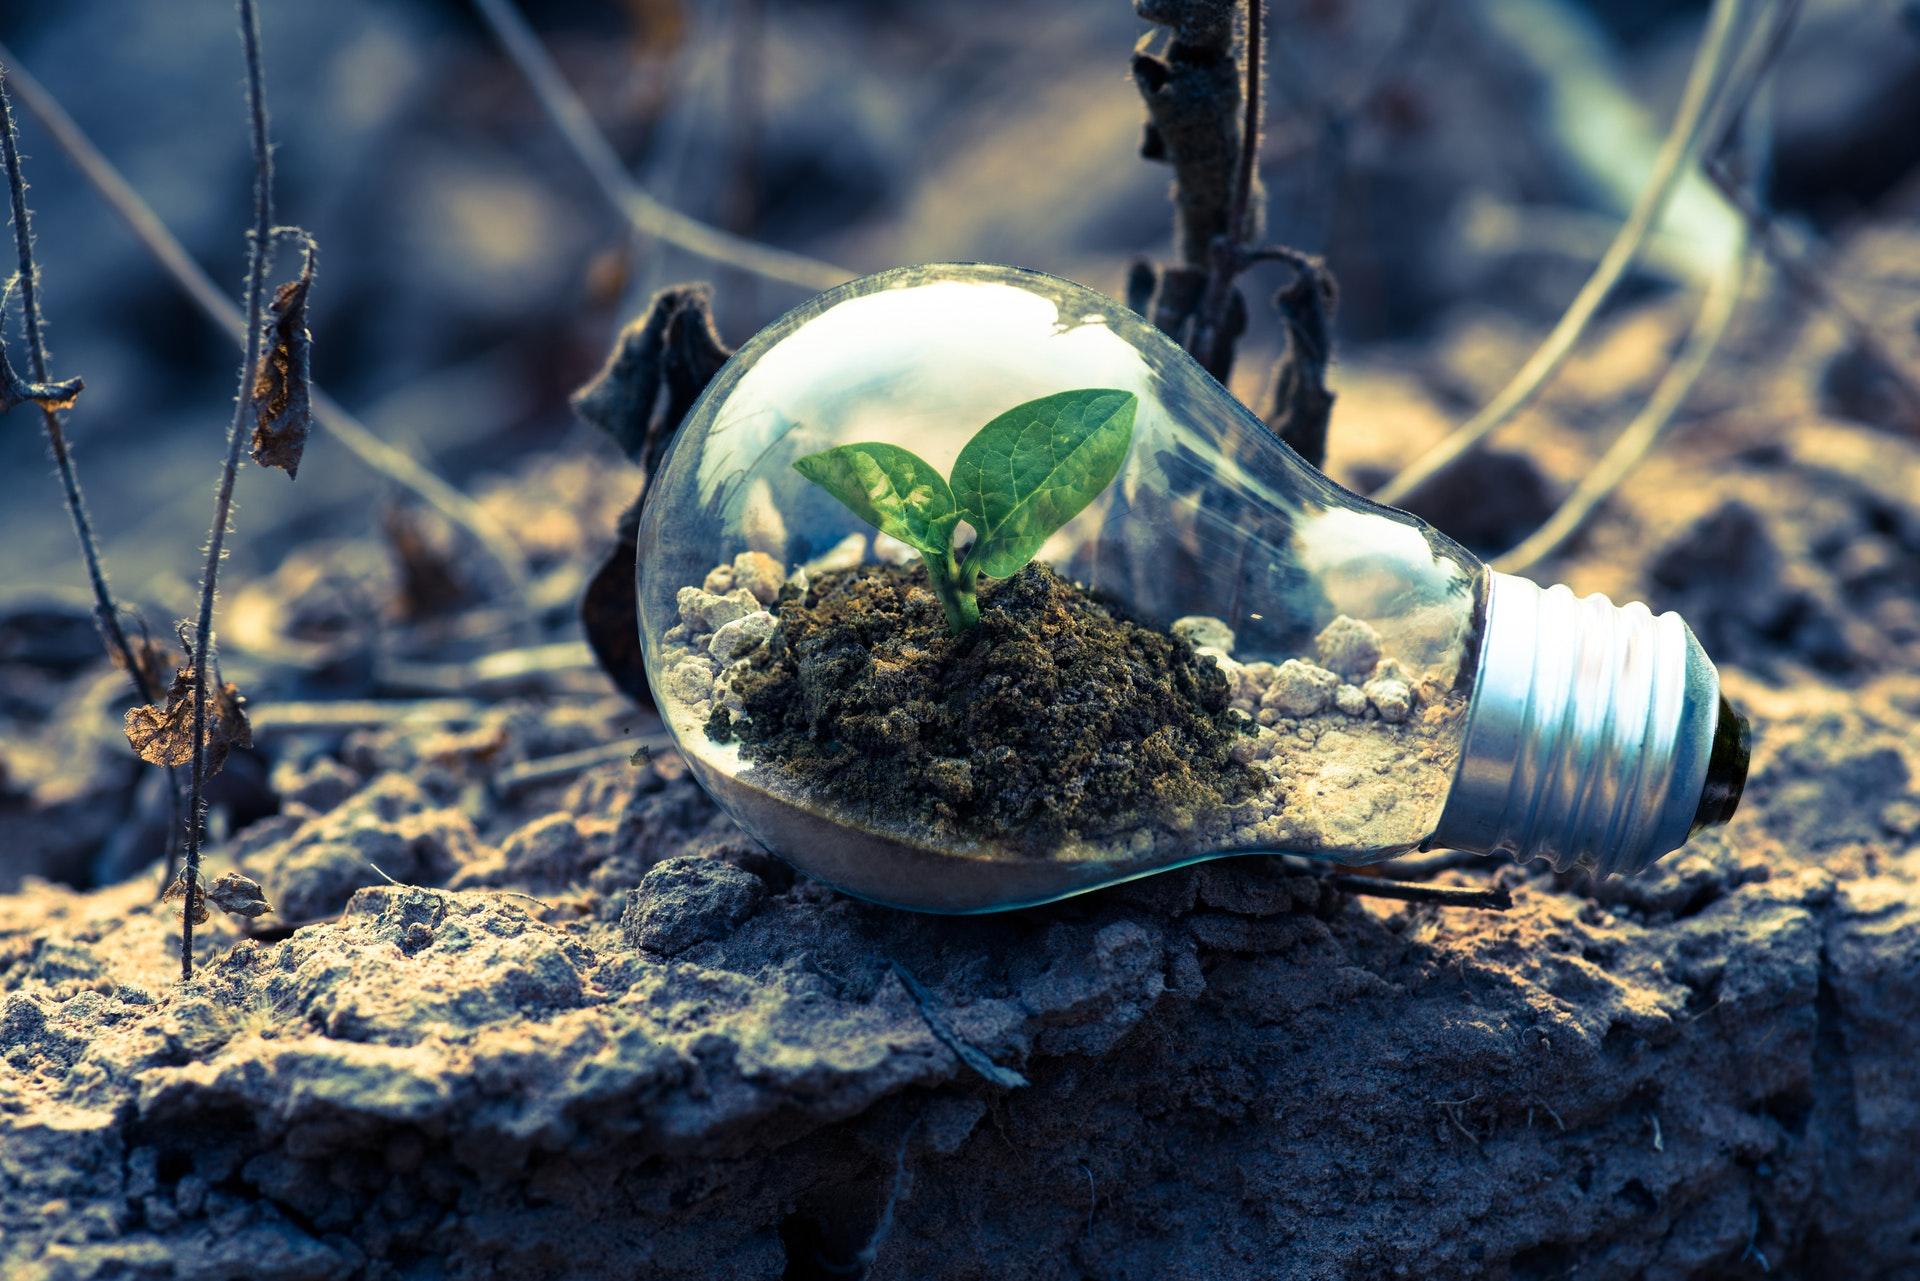 القمة العالمية للاقتصاد الأخضر يناقش استراتيجية الإمارات UAE للتنمية الخضراء